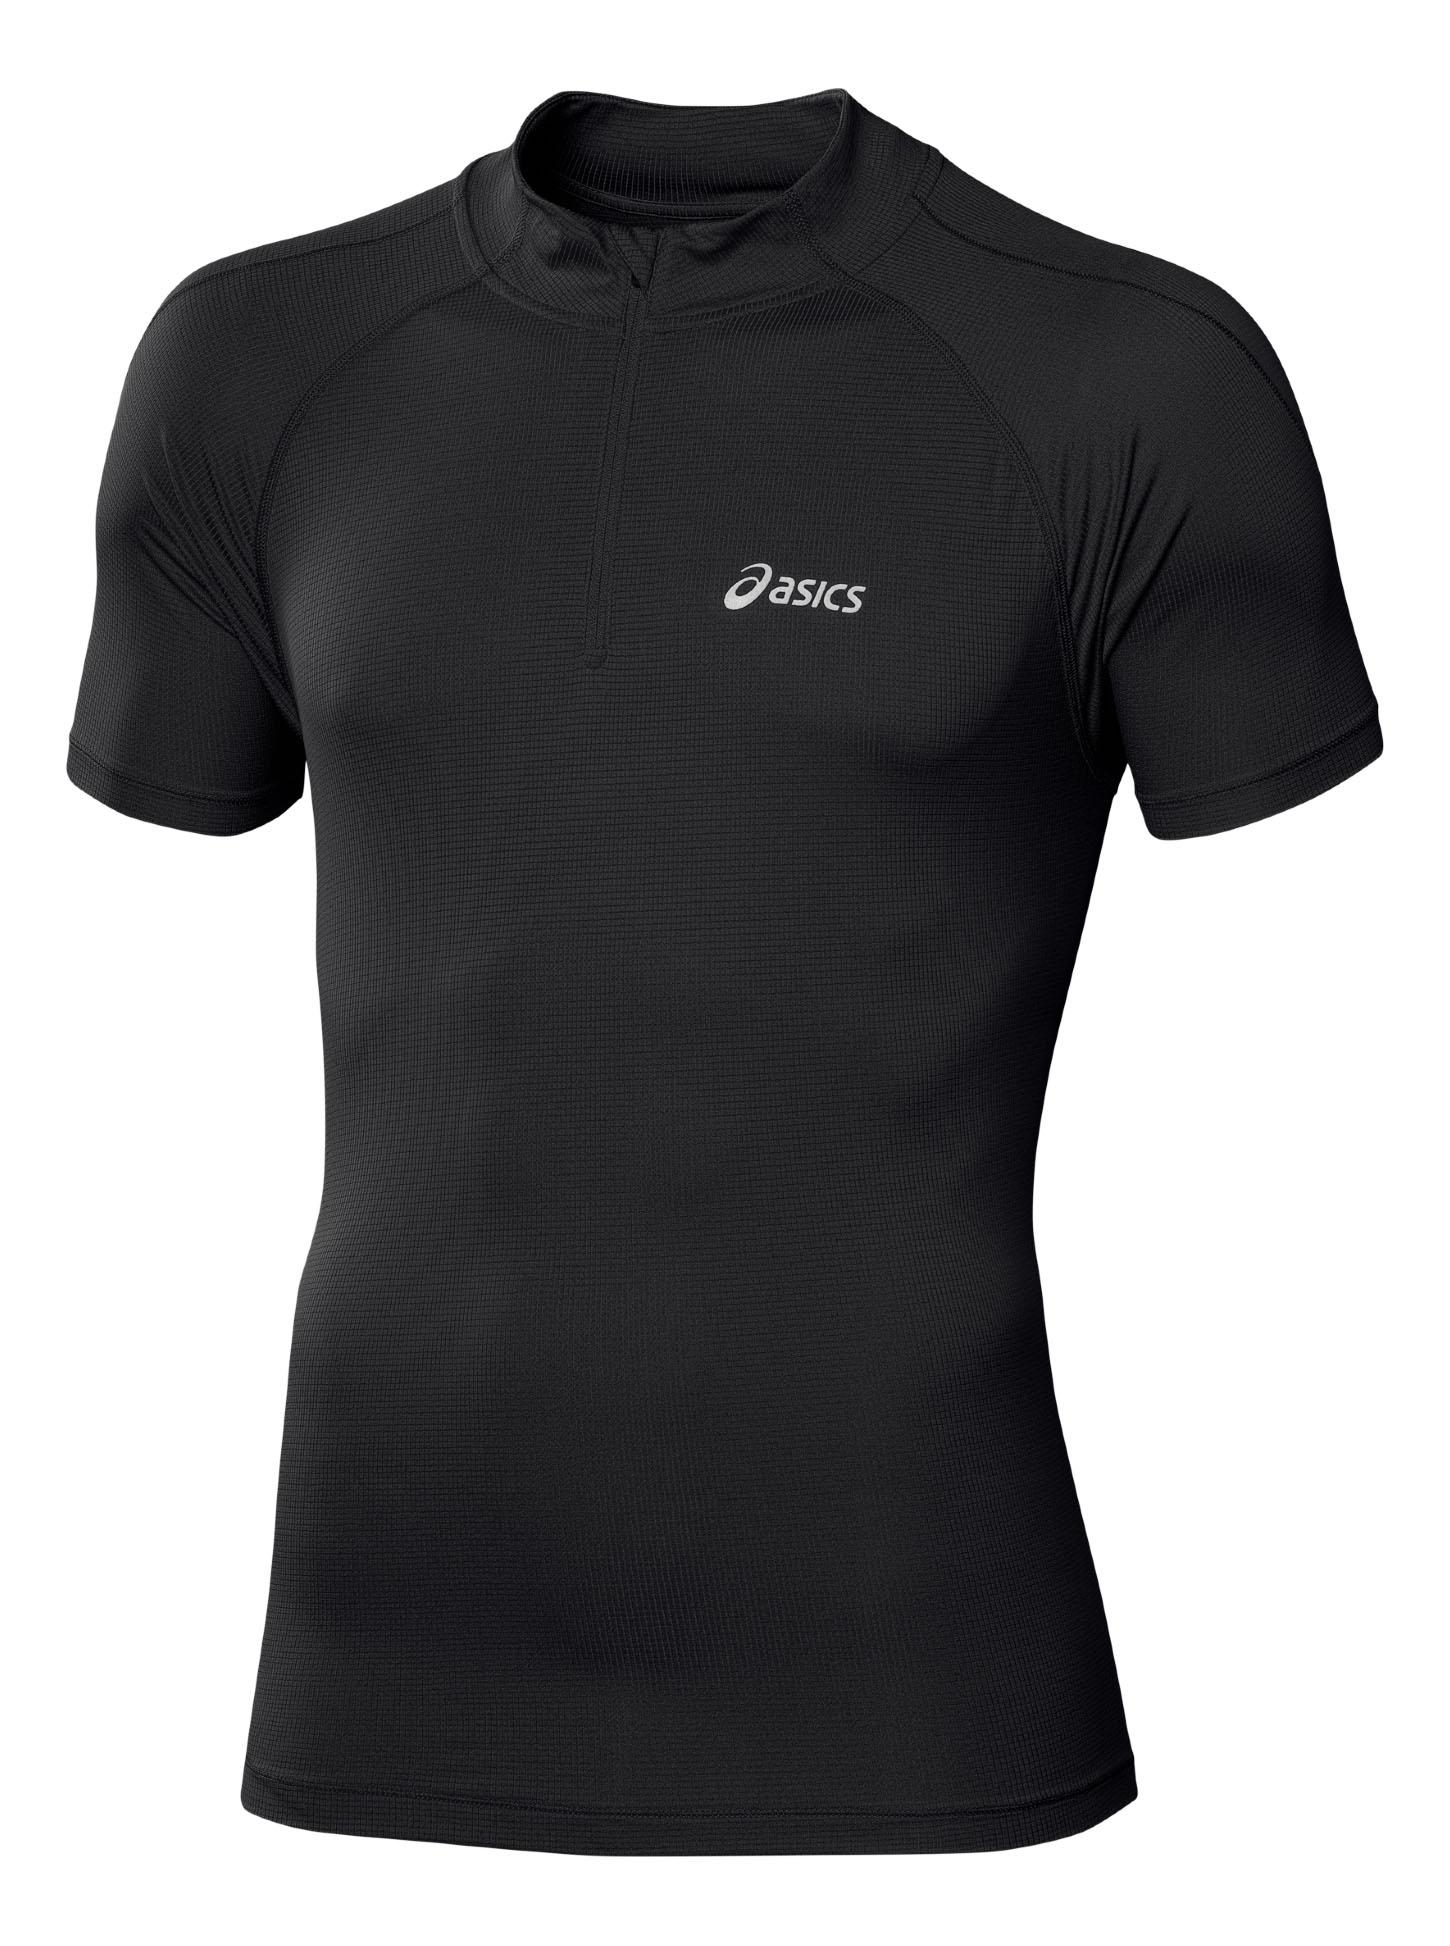 Футболка для бега мужская SS 1/2 Zip Top. 110409110409-8133Стильная мужская футболка для бега Asics SS 1/2 Zip Top, выполненная из полиэстера, обладает высокой теплопроводностью, воздухопроницаемостью и гигроскопичностью и великолепно отводит влагу, оставляя тело сухим даже во время интенсивных тренировок. Оригинальный крой с плоскими швами исключает риск натирания. Такая футболка превосходно подойдет для занятий спортом и активного отдыха. Модель с короткими рукавами-реглан и воротником-стойкой является идеальным вариантом для занятий спортом. Изделие застегивается на молнию с защитой подбородка. Такая футболка защитит вас от ветра и сделает занятия максимально комфортными. Футболка оформлена небольшими светоотражающими принтами спереди и сзади. Такая модель подарит вам комфорт в течение всего дня и послужит замечательным дополнением к вашему гардеробу.